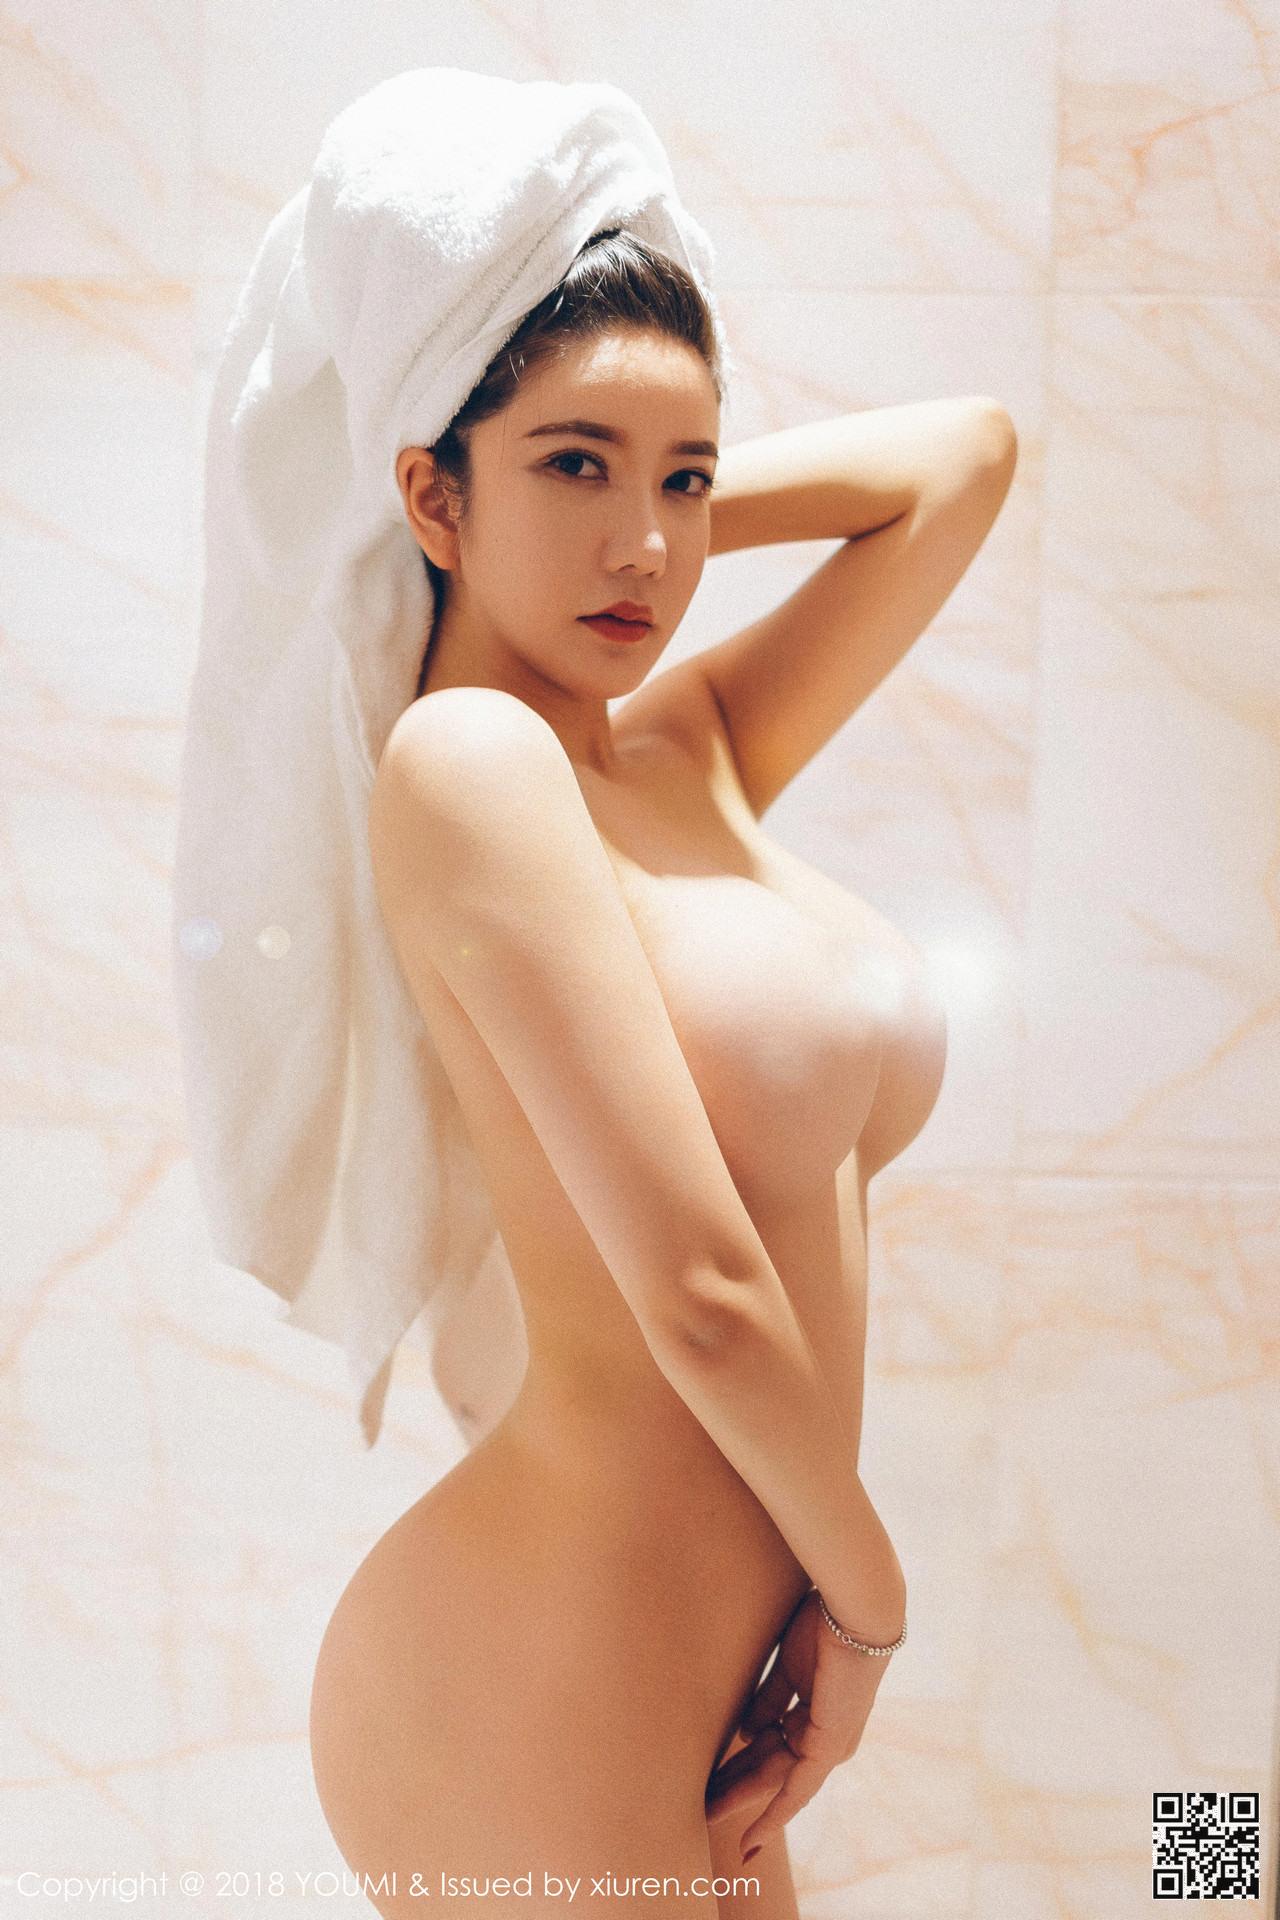 巨乳女神 李妍曦 巨乳美女誘人淋浴高清寫真 - 貼圖 - 清涼寫真 -